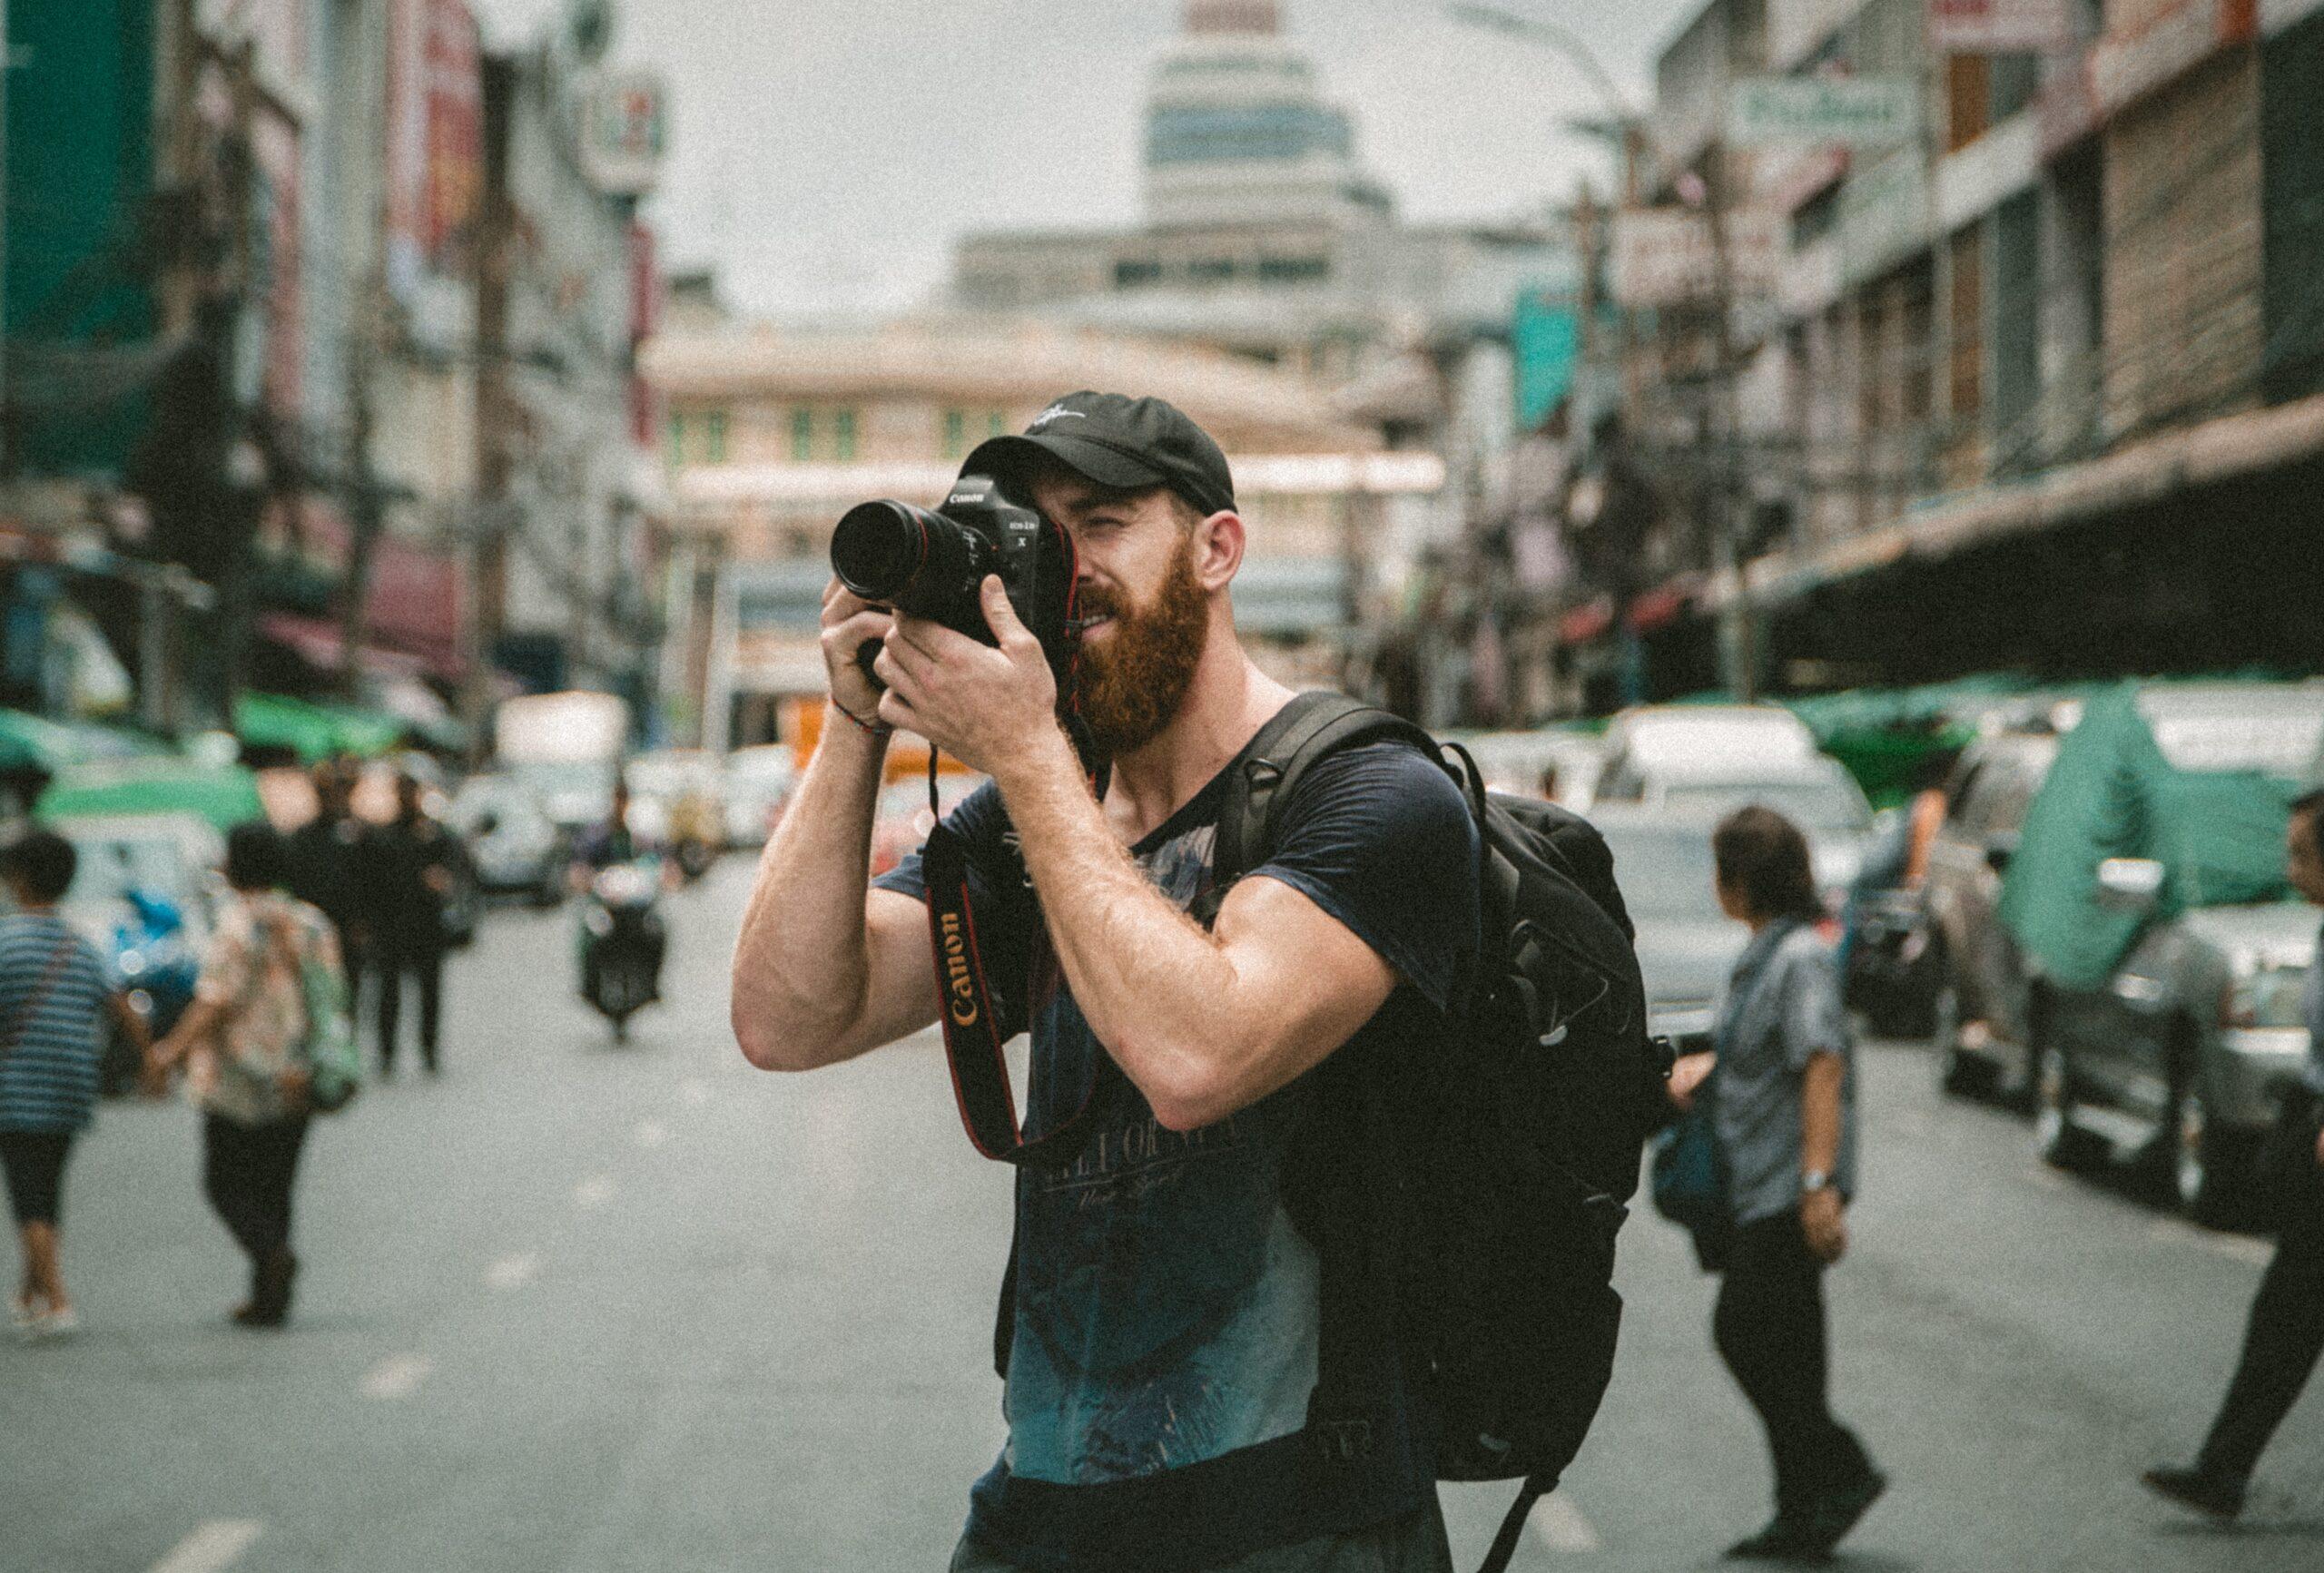 Die besten Street Photography Tipps für bessere Bilder!